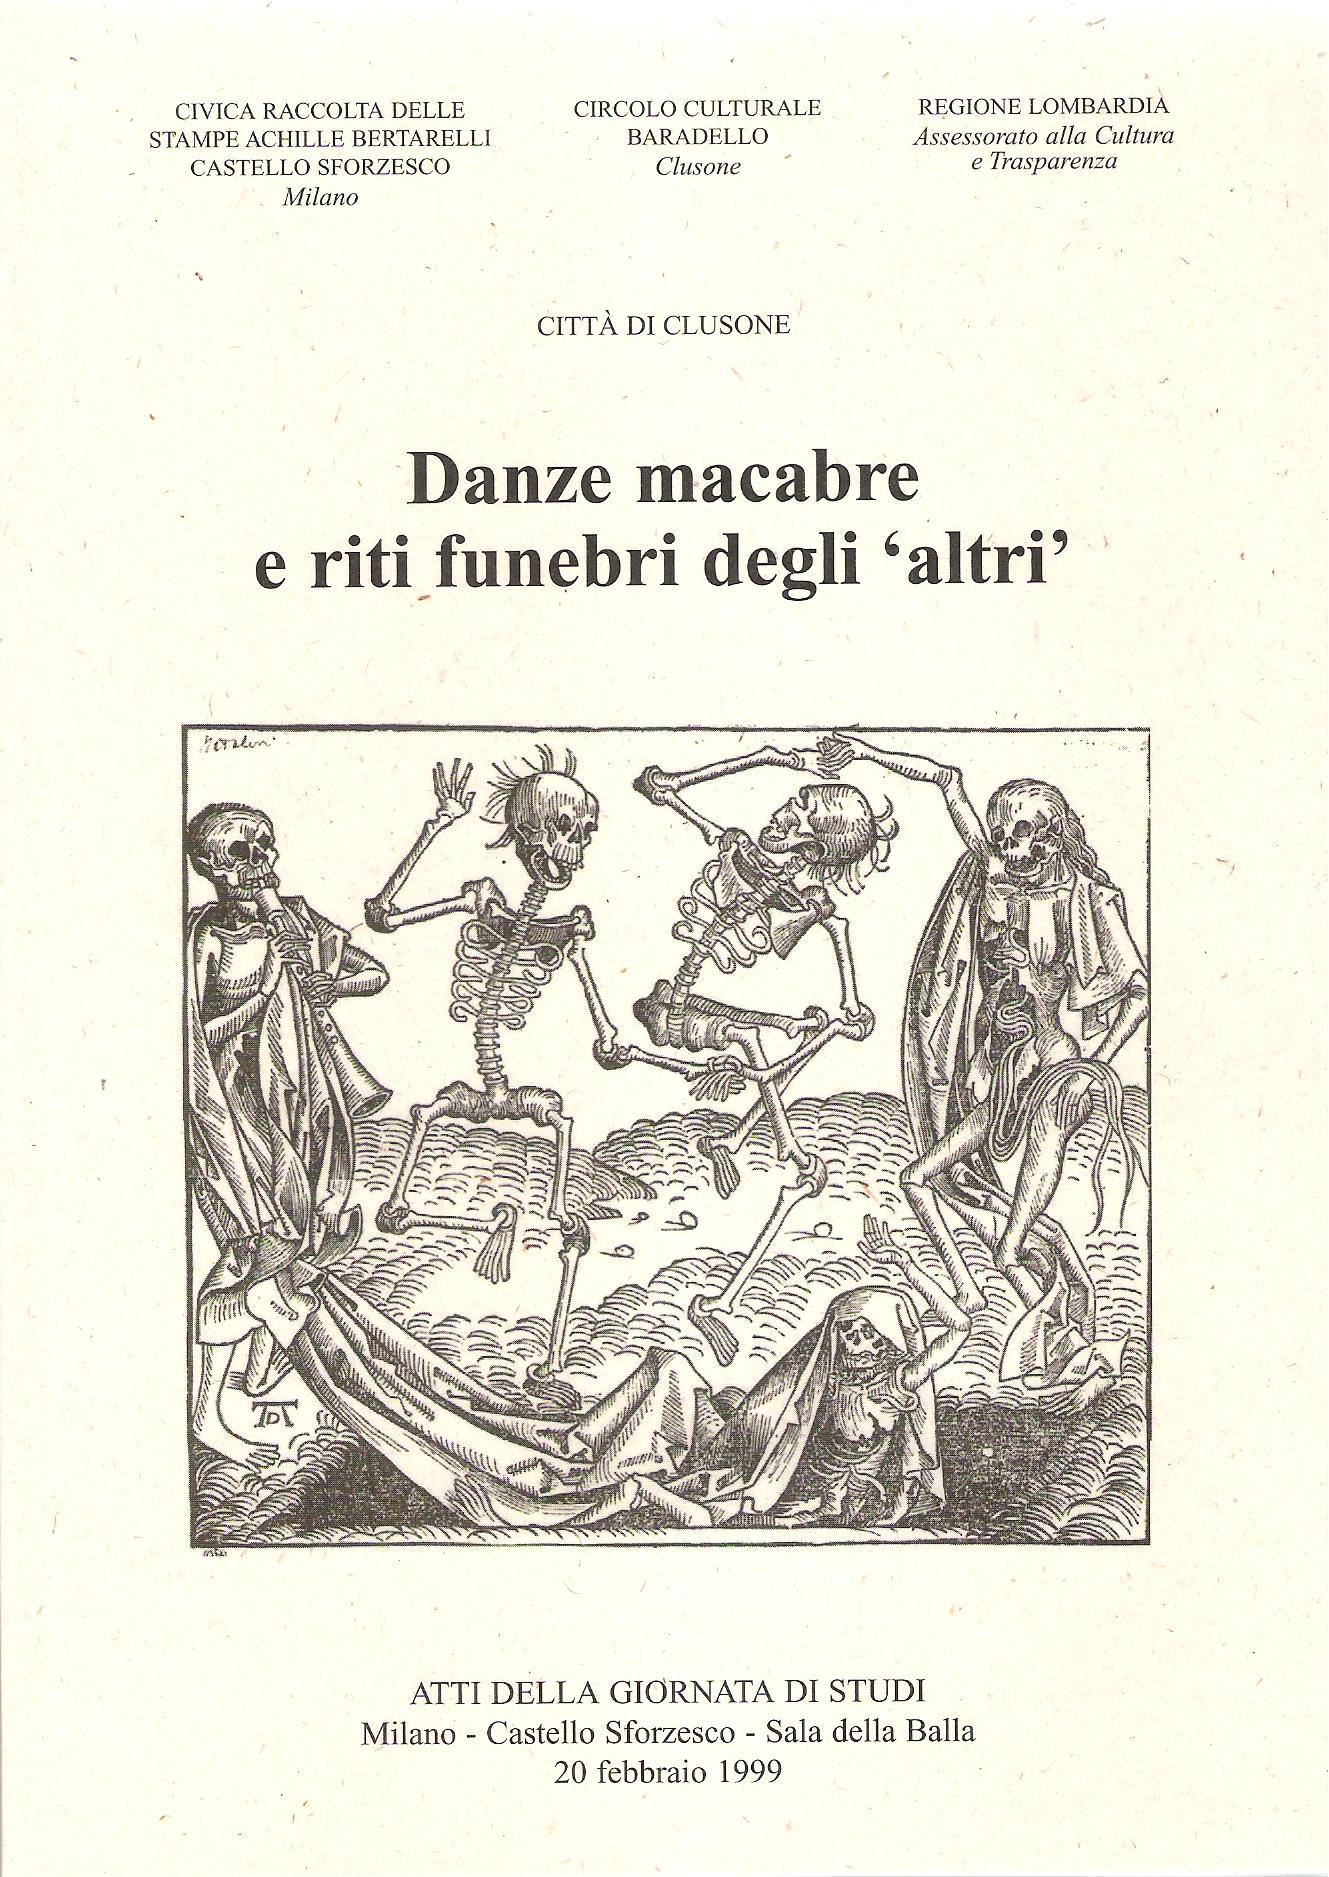 Danze macabre e riti funebri degli 'altri'